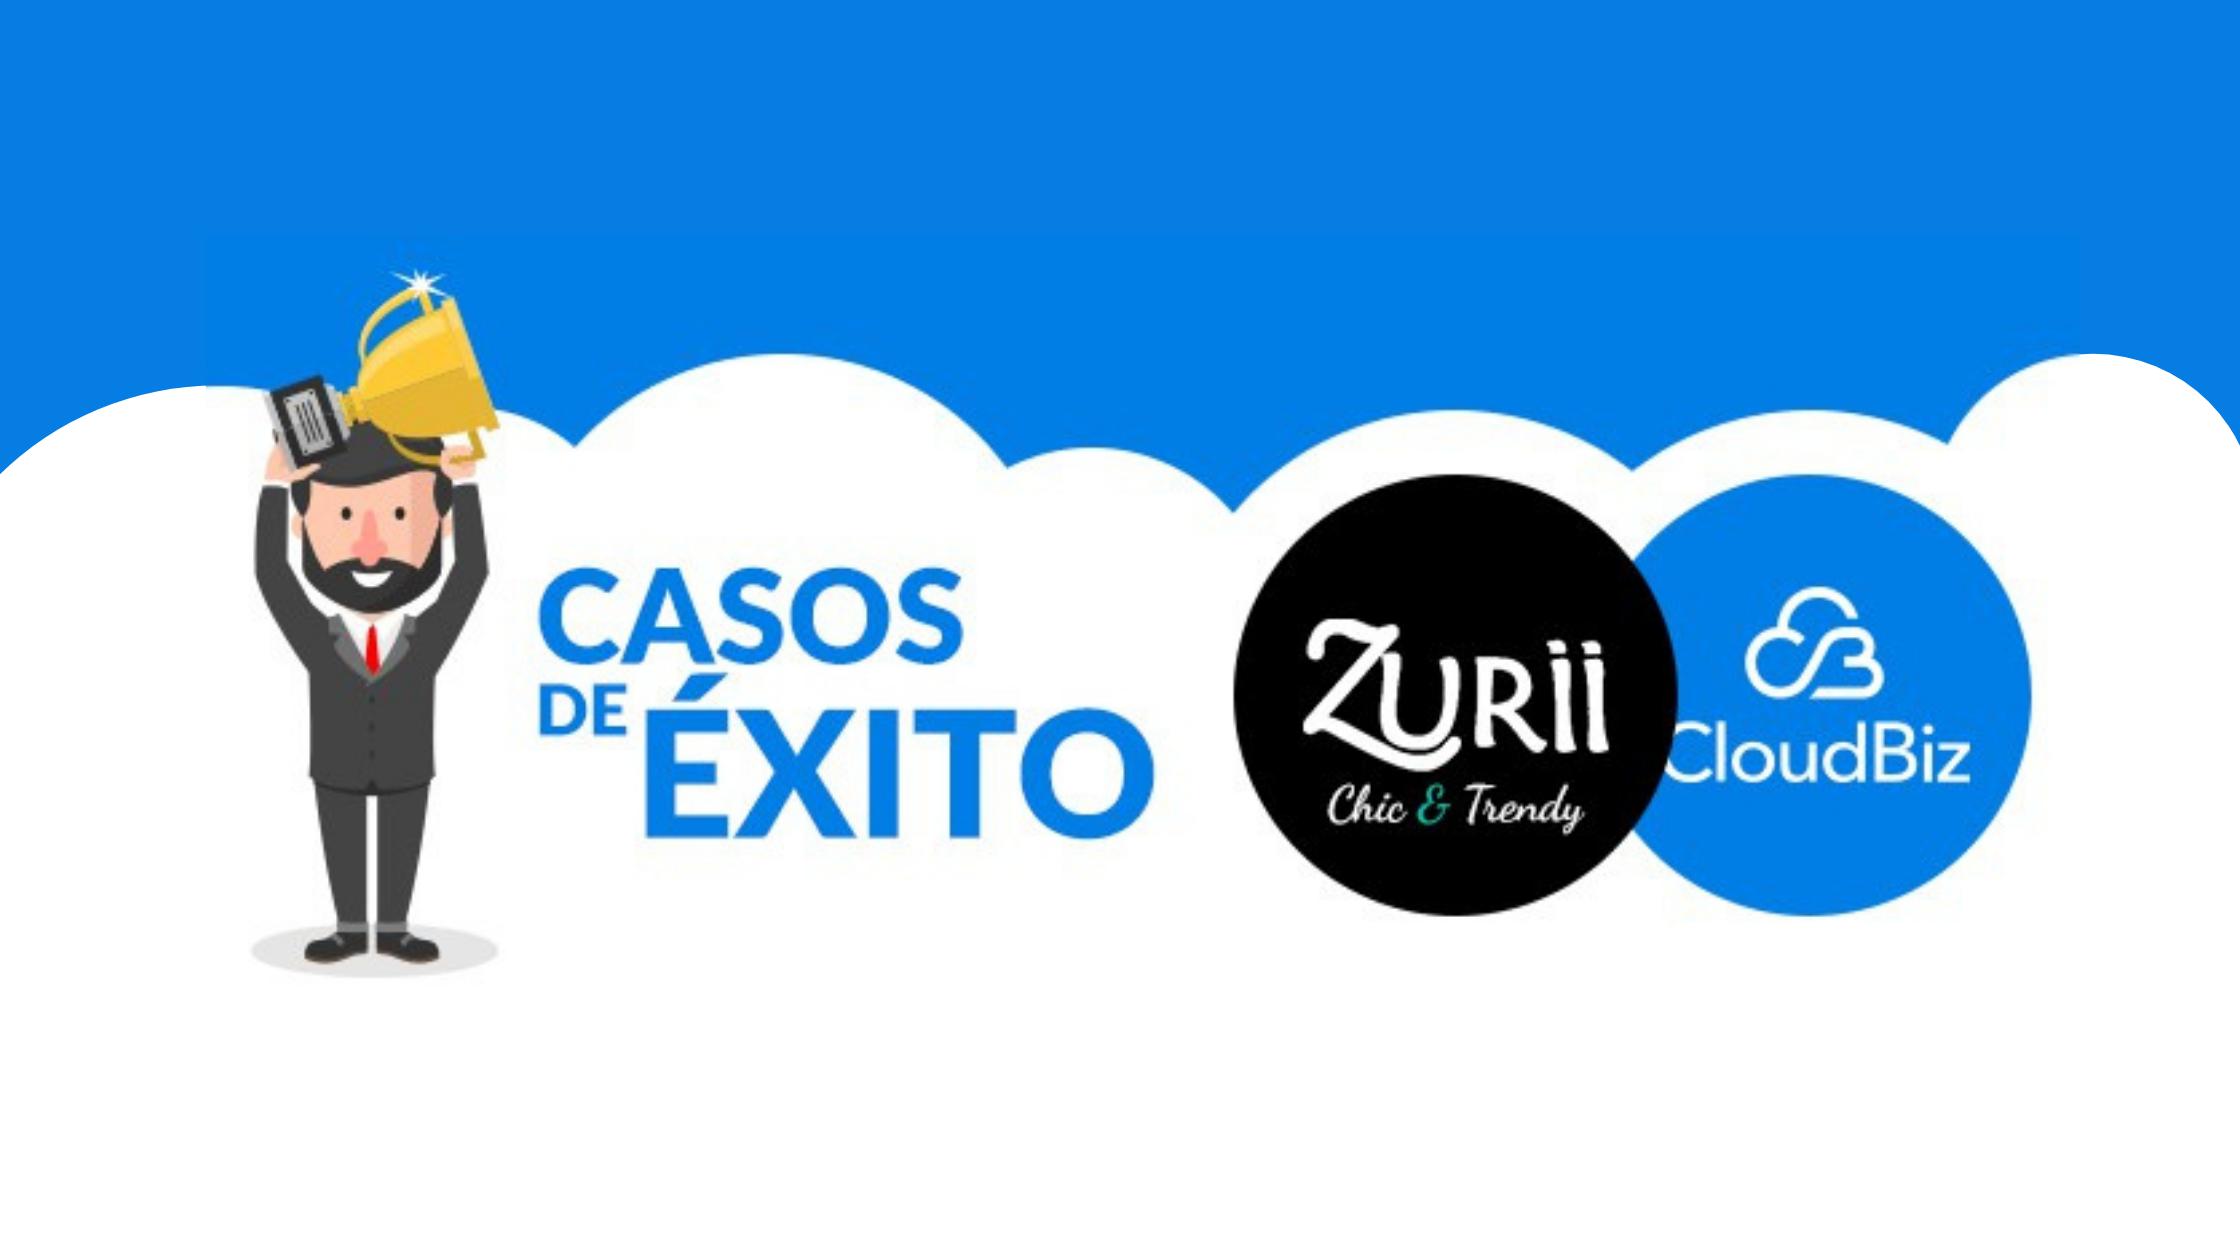 Zurii Boutique nos comparte su experiencia con CloudBiz